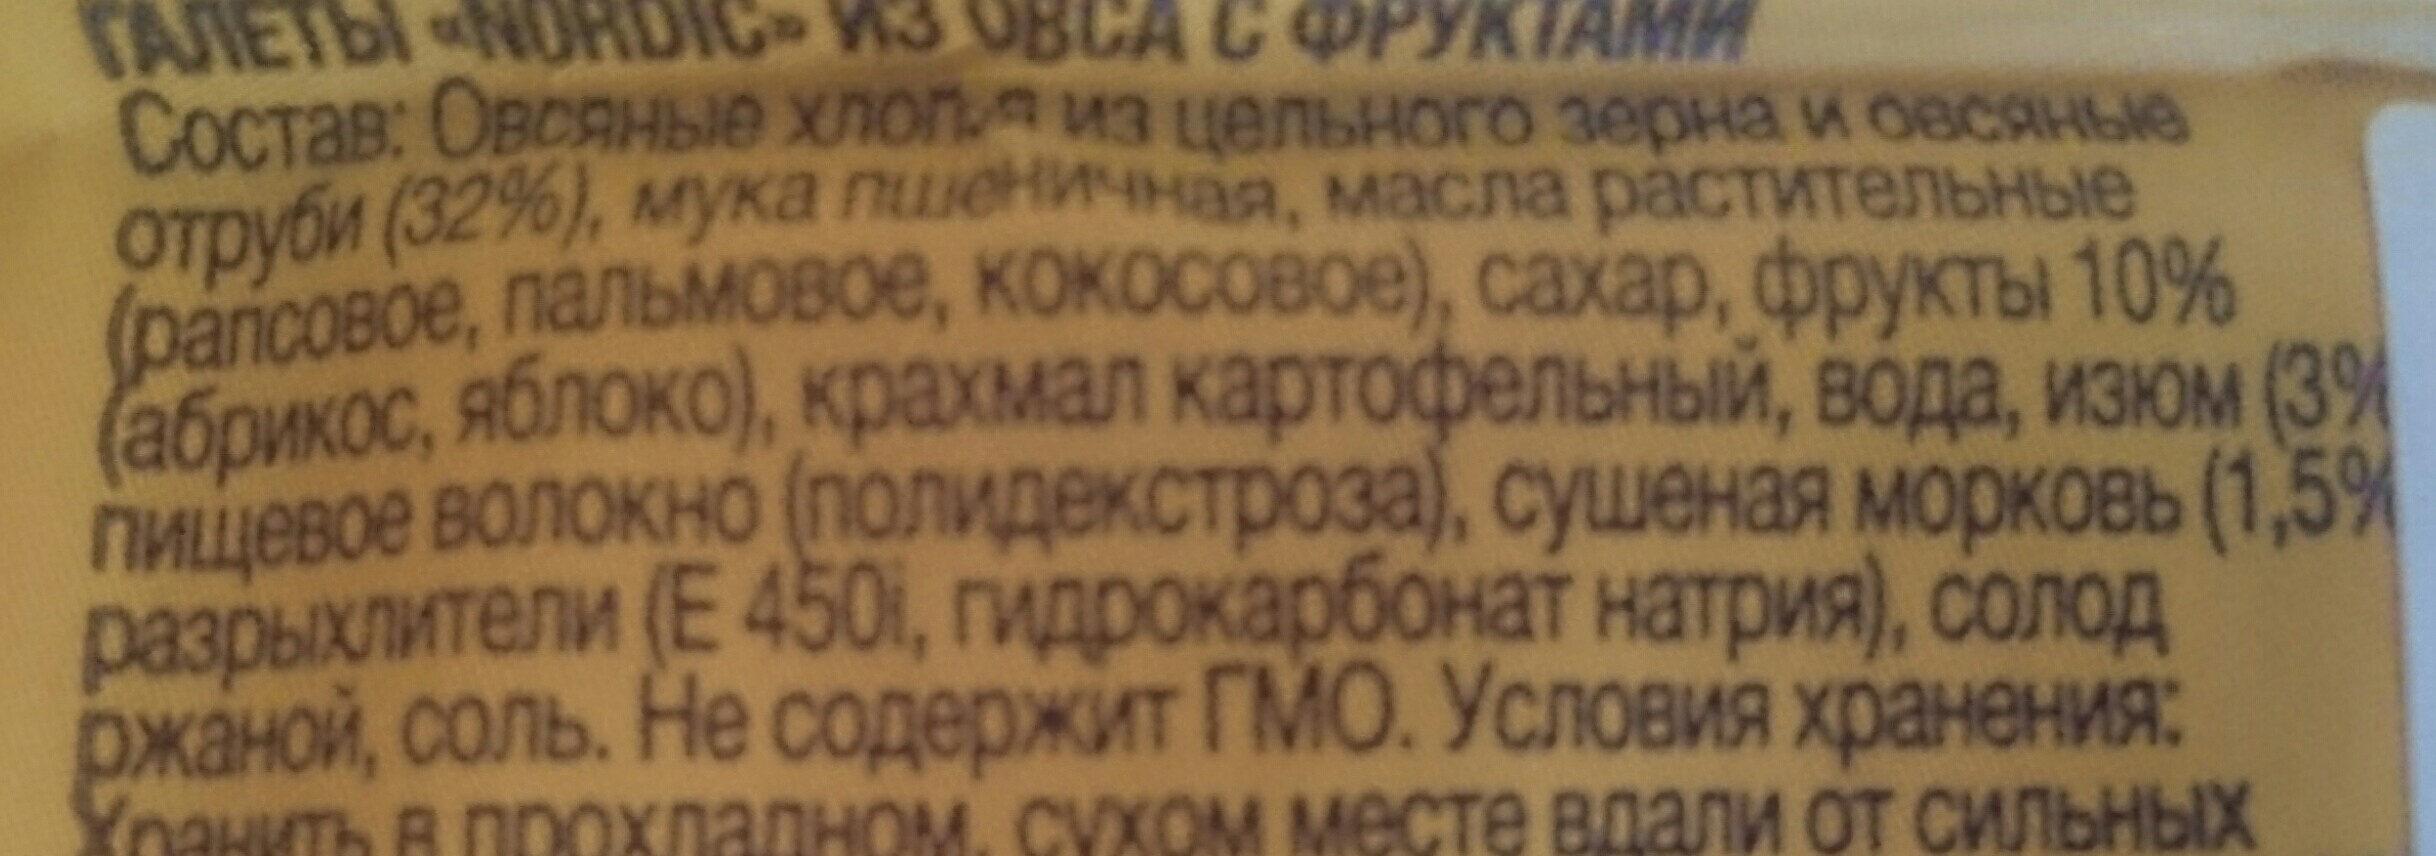 Галета из овса с фруктами - Składniki